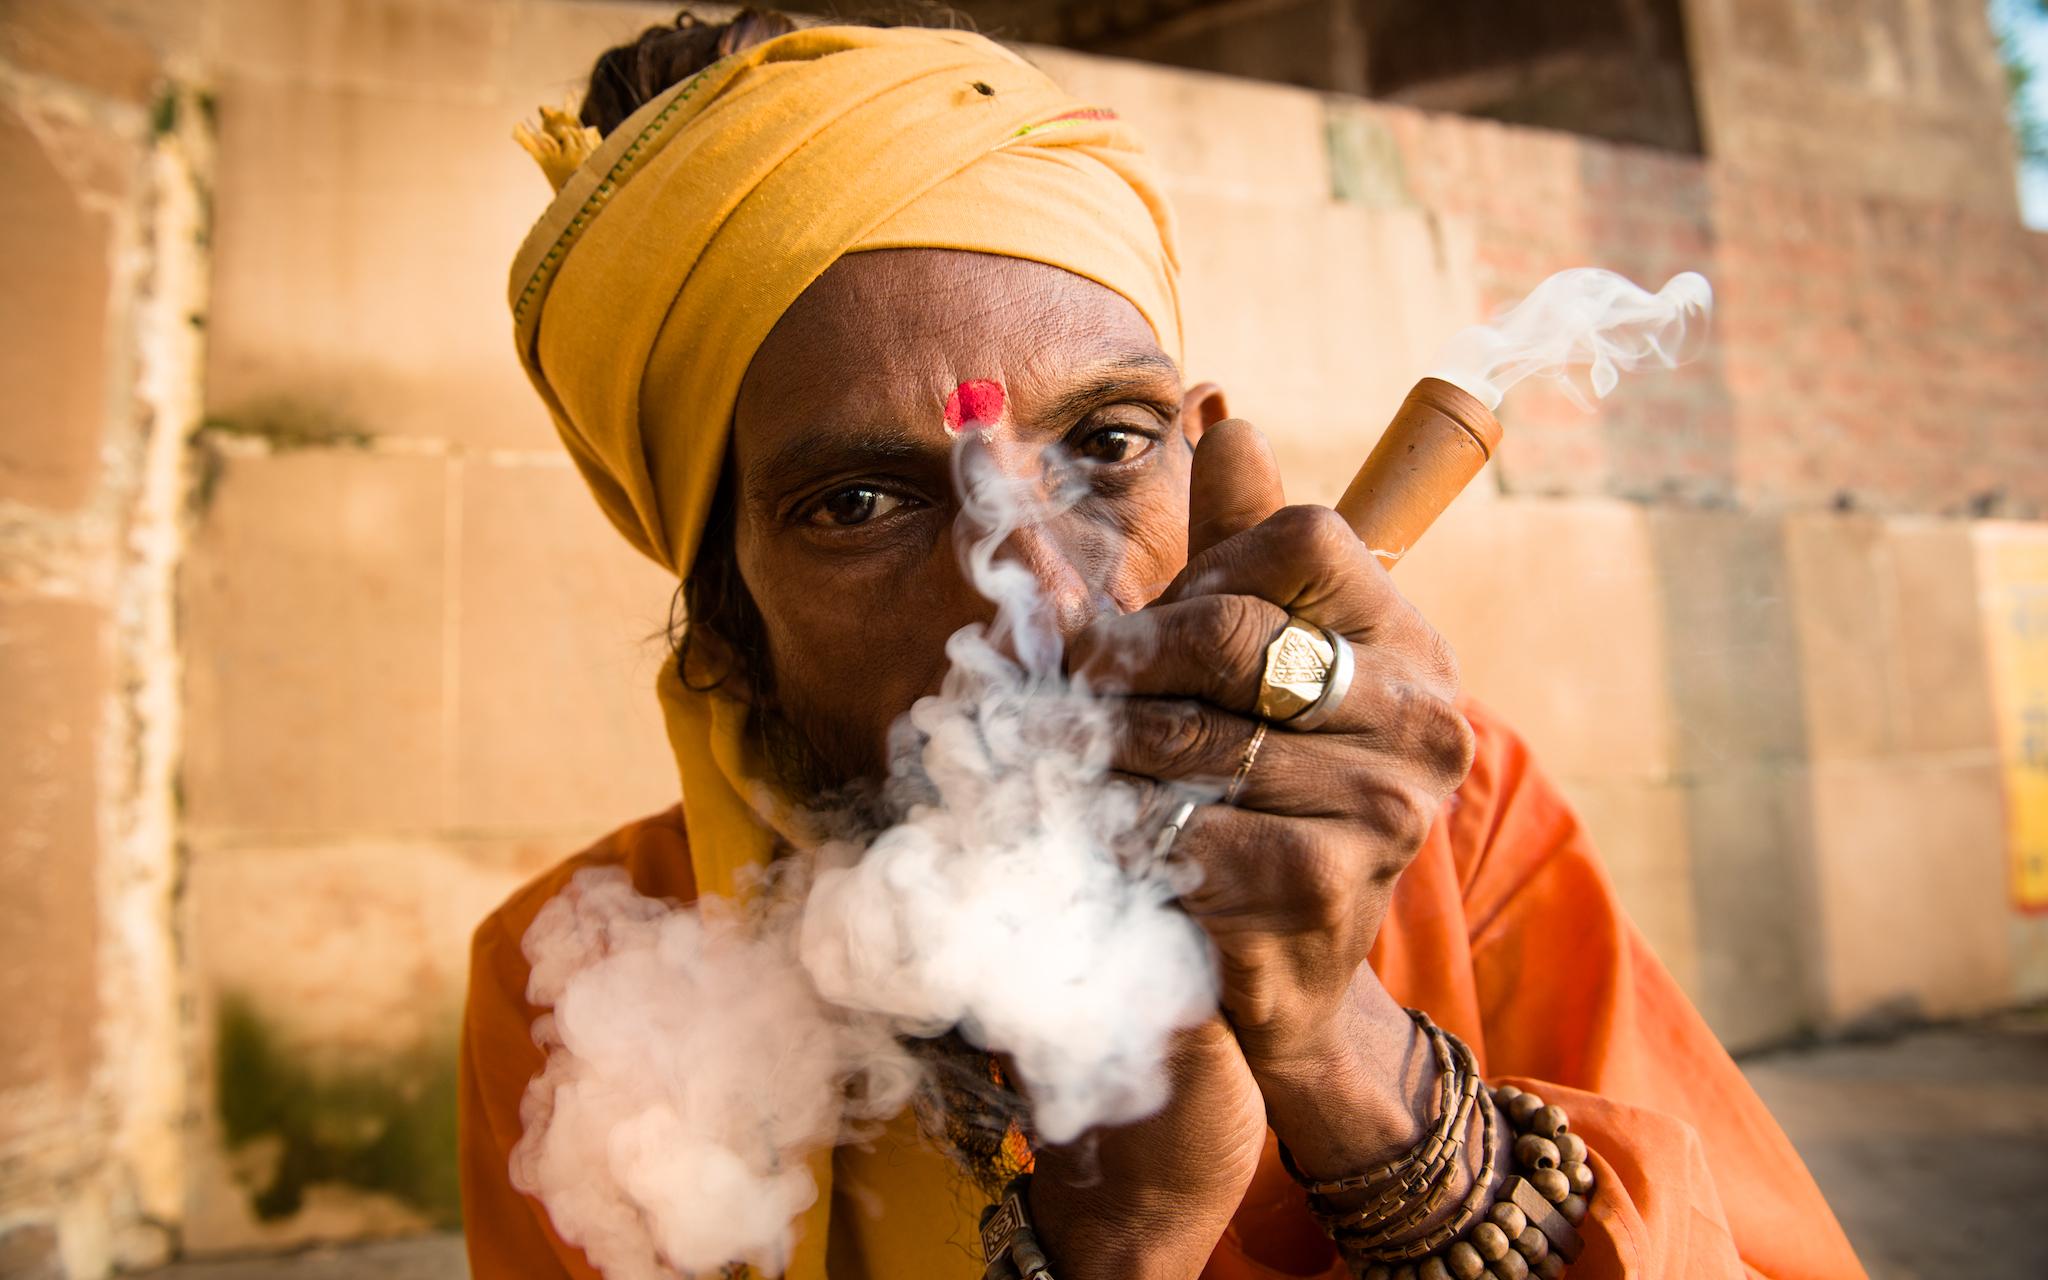 Taken in Varanasi, India.